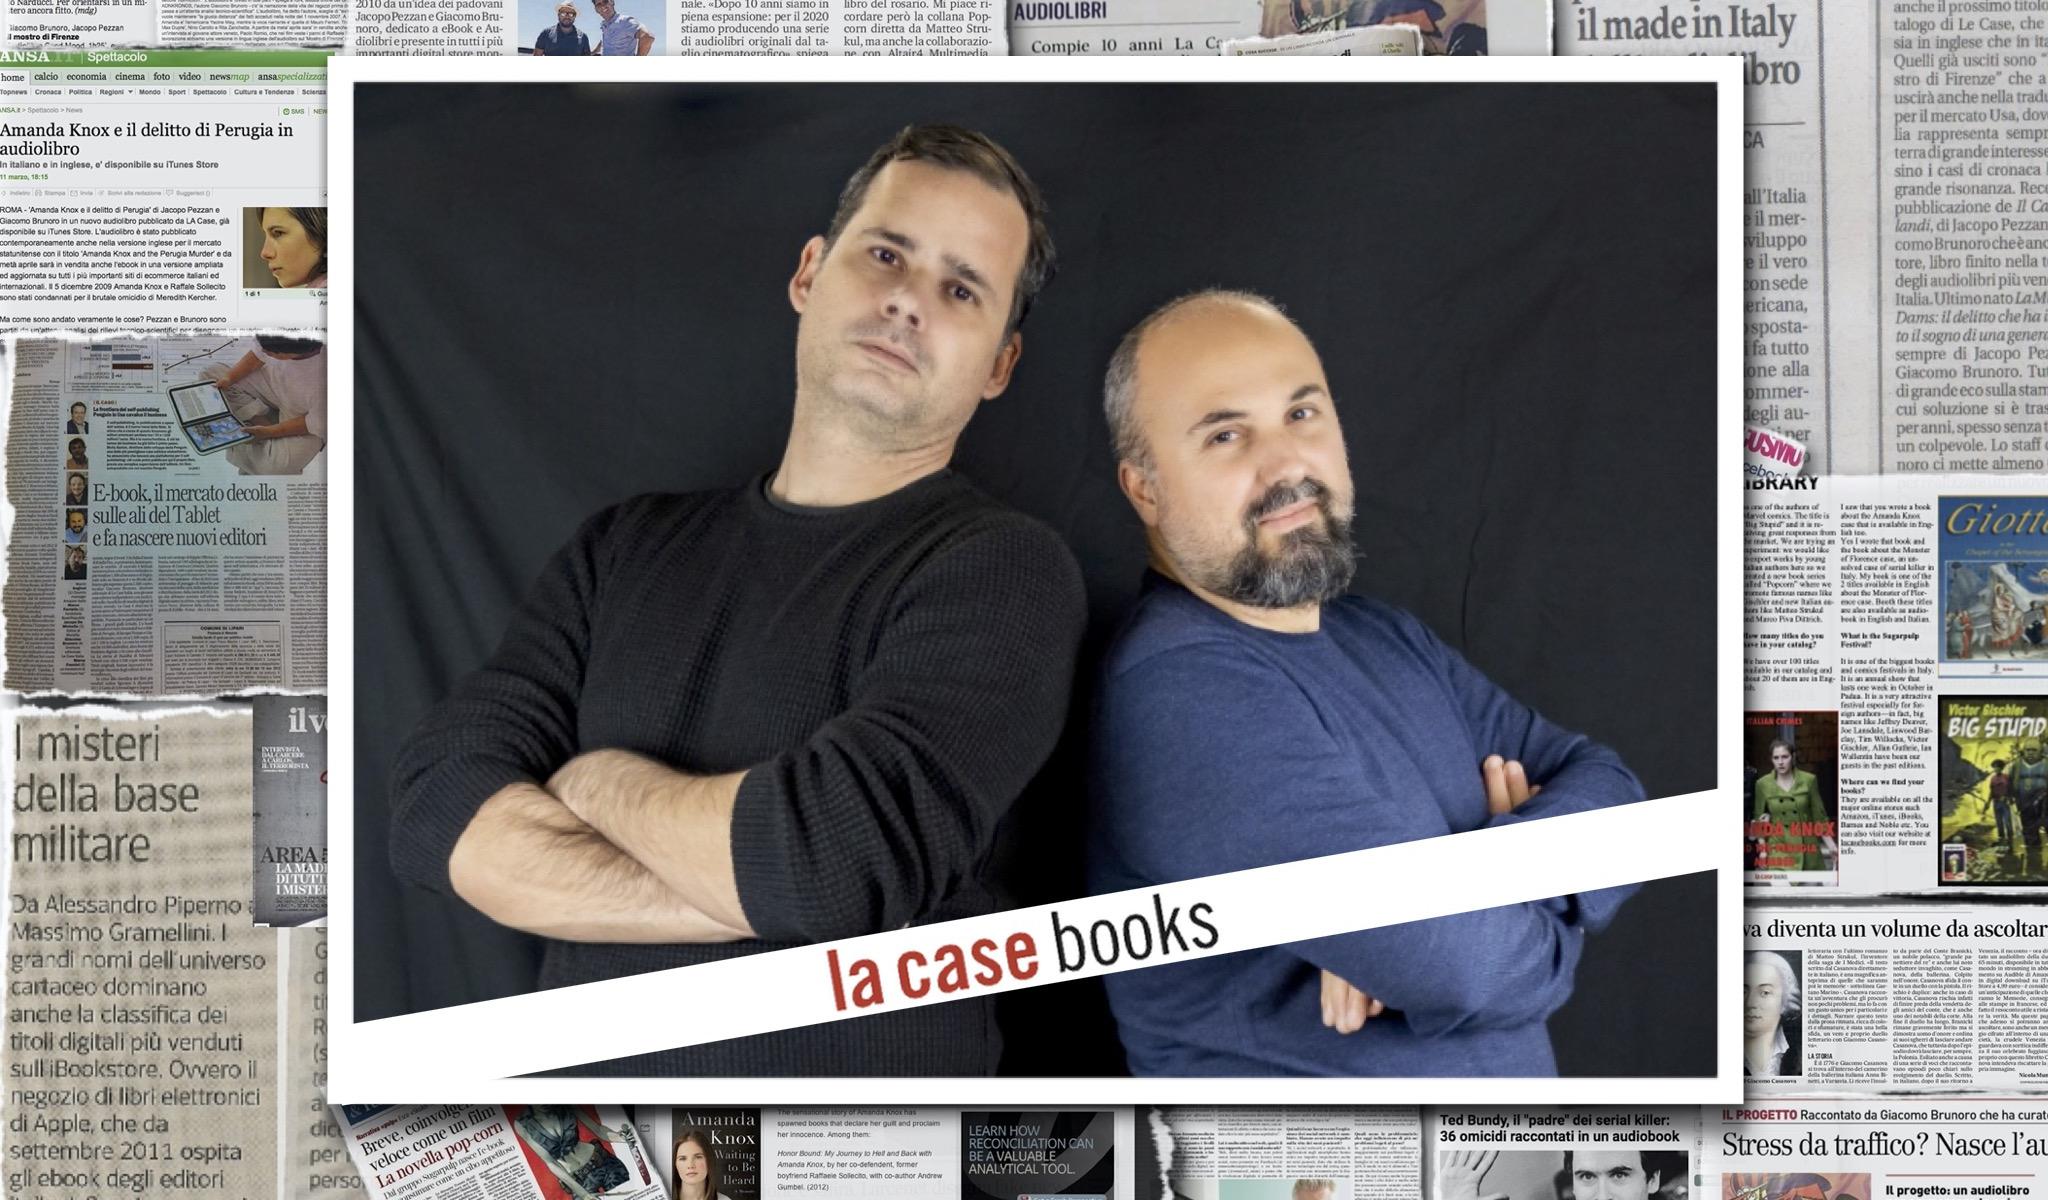 True Crime Diaries, il nuovo podcast di LA CASE Books